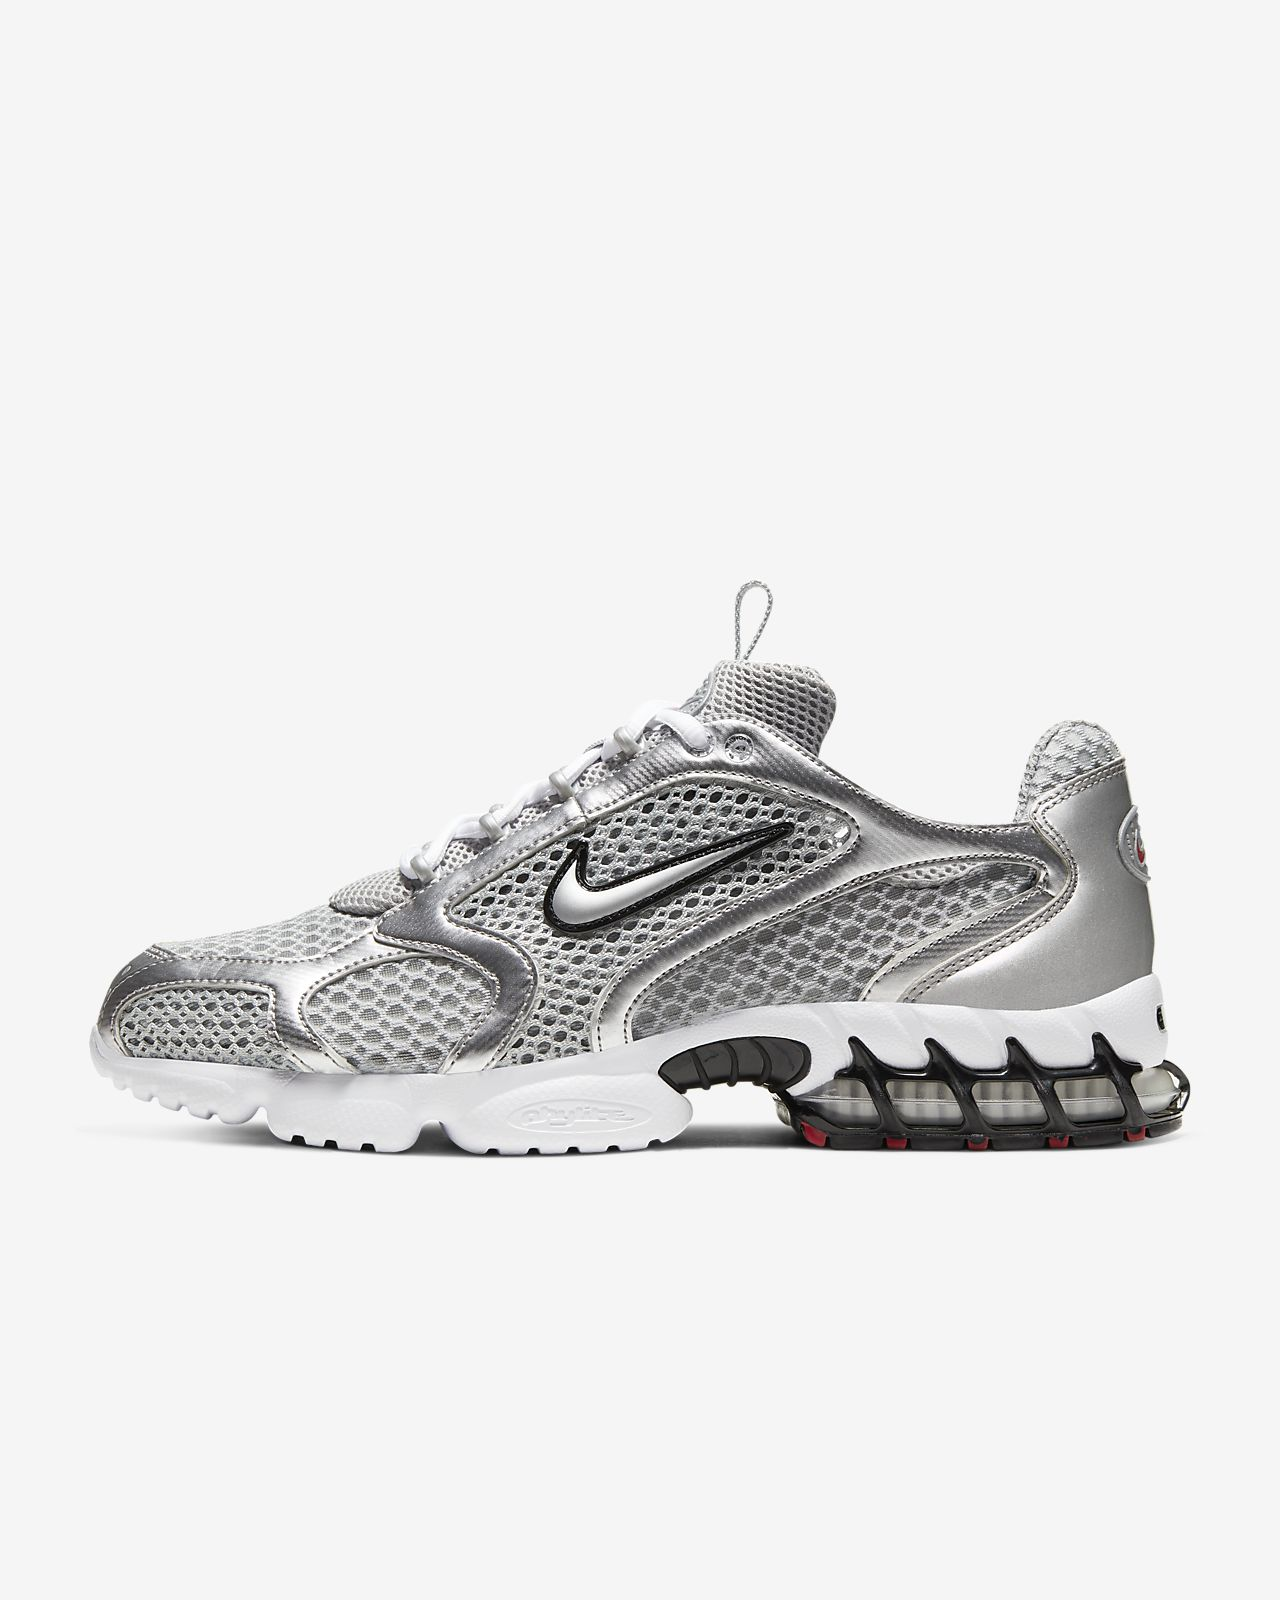 Sapatilhas Nike Air Zoom Spiridon Cage 2 para homem